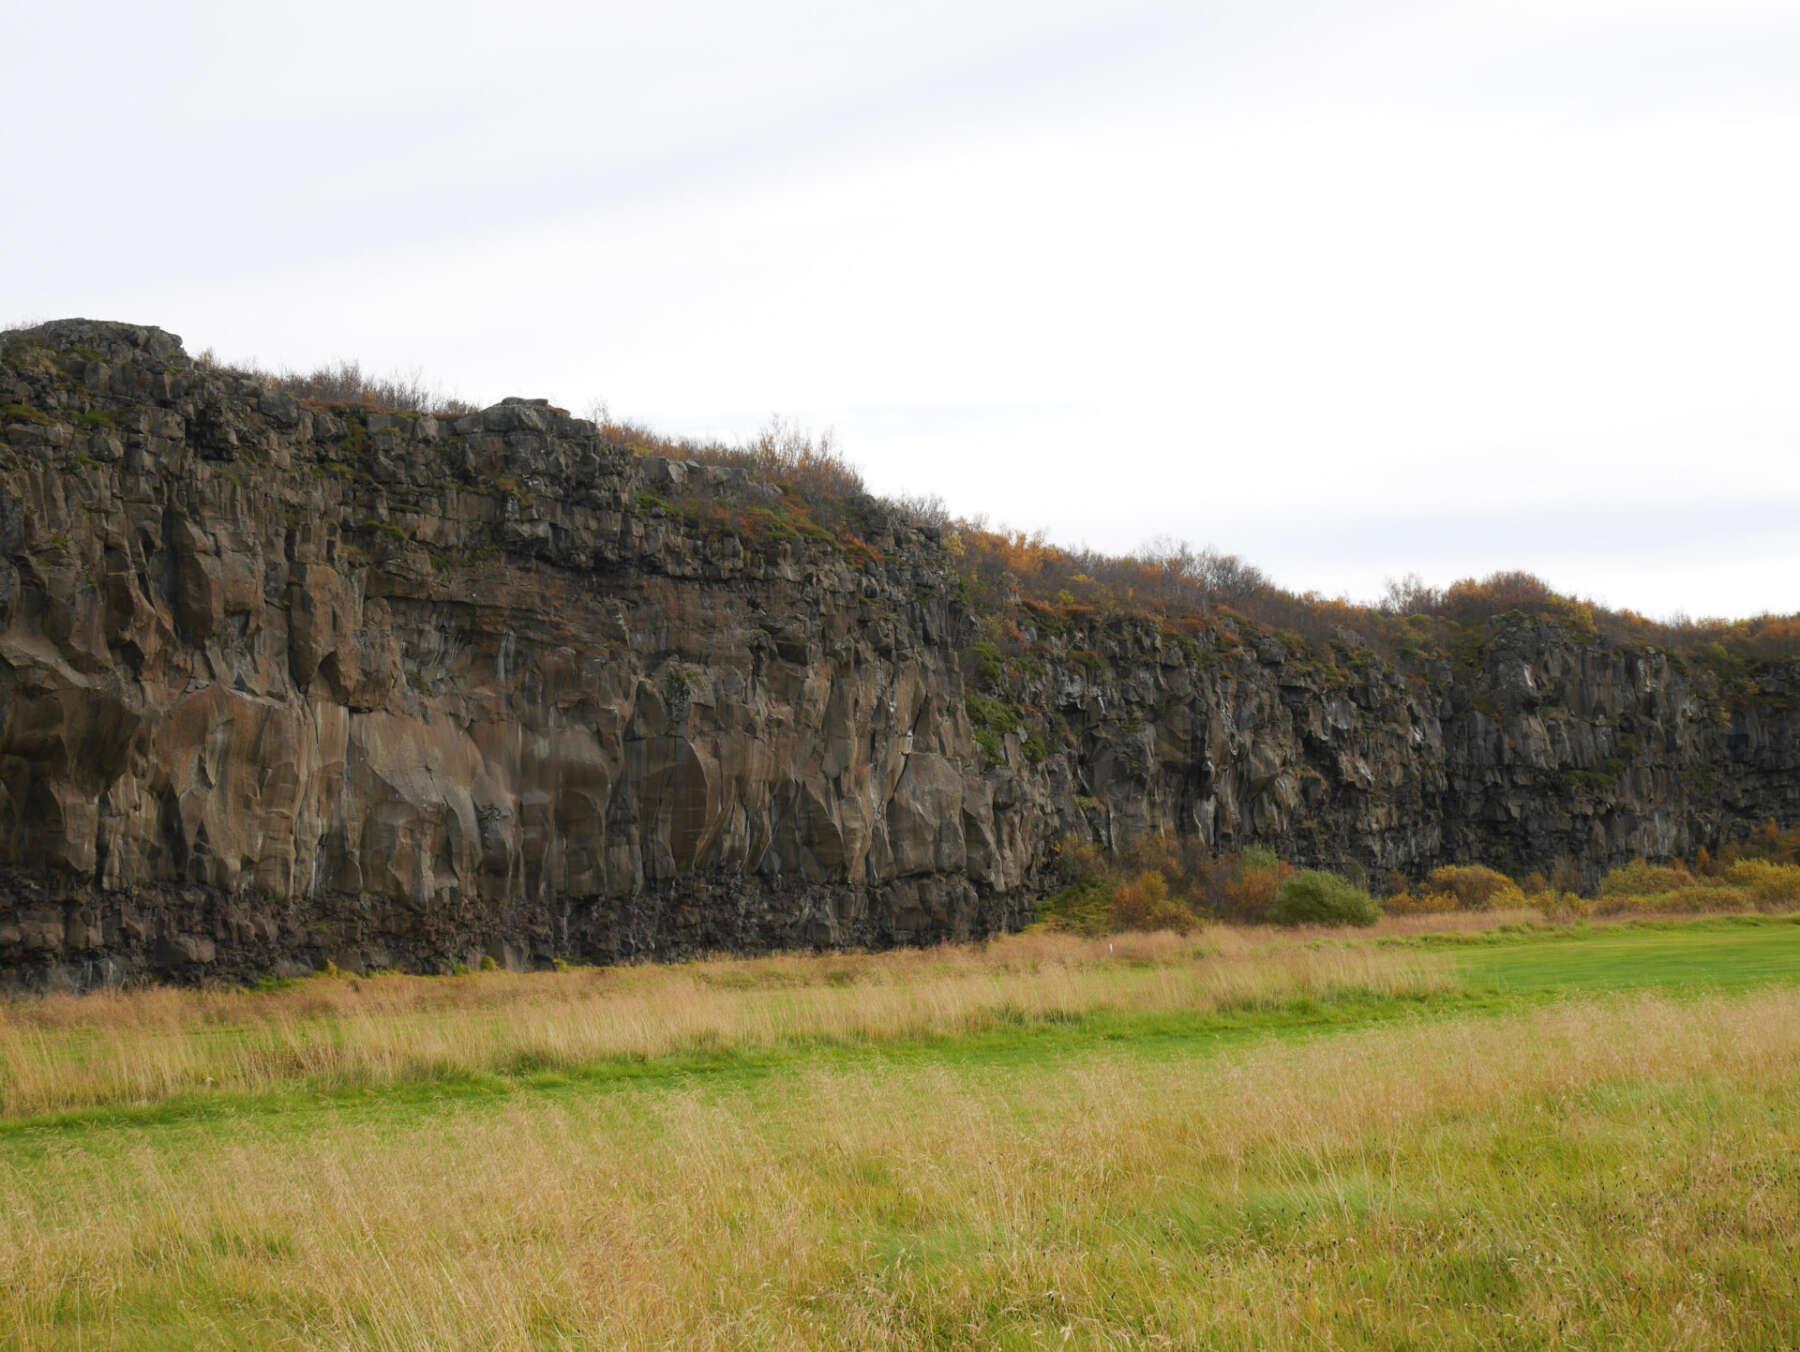 อุทยานแห่งชาติวัทนาโจกุล (Vatnajökull National Park)